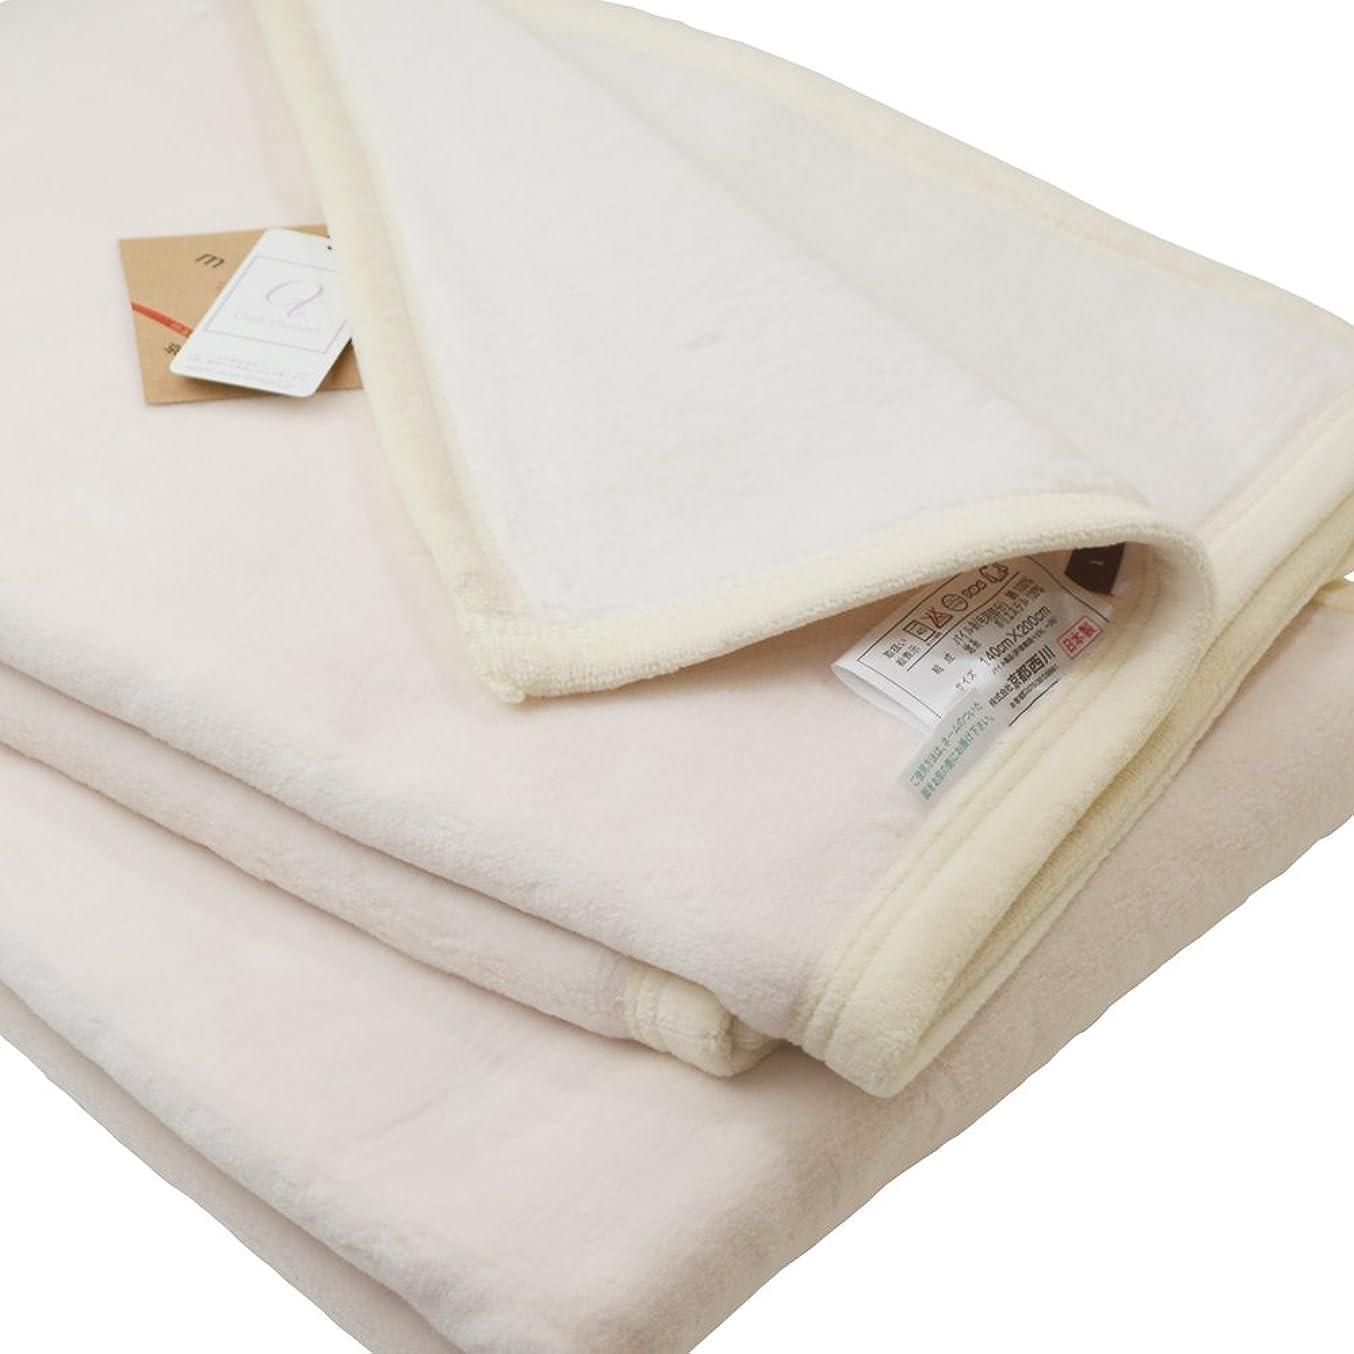 請う乗り出す記憶One thread 日本製 ナチュラルコットン ふんわり気持ちいい 綿毛布 シングル アイボリー